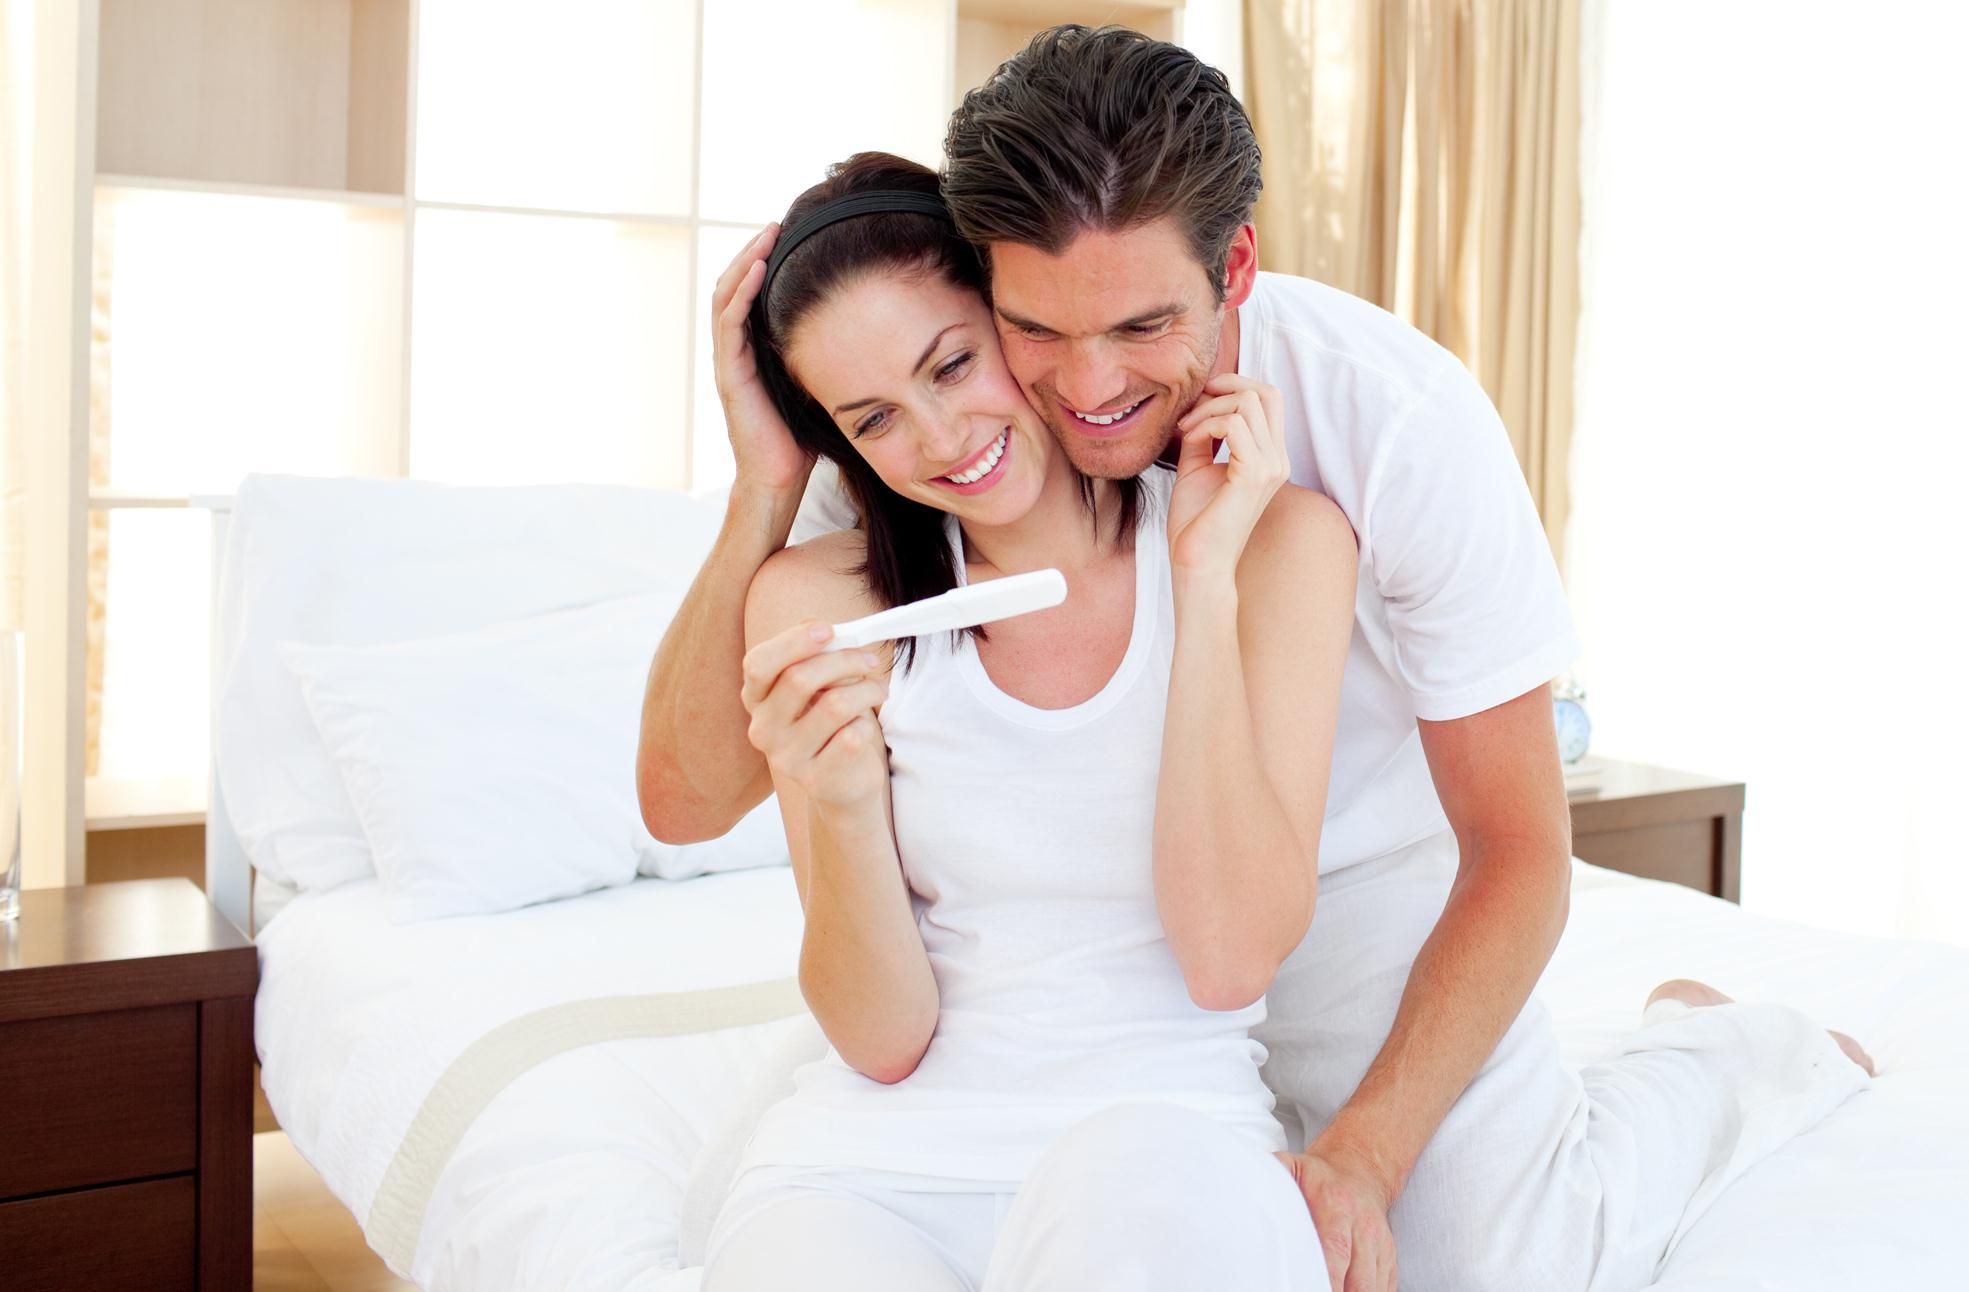 ТОП-10 вещей, которые нужно сделать перед беременностью